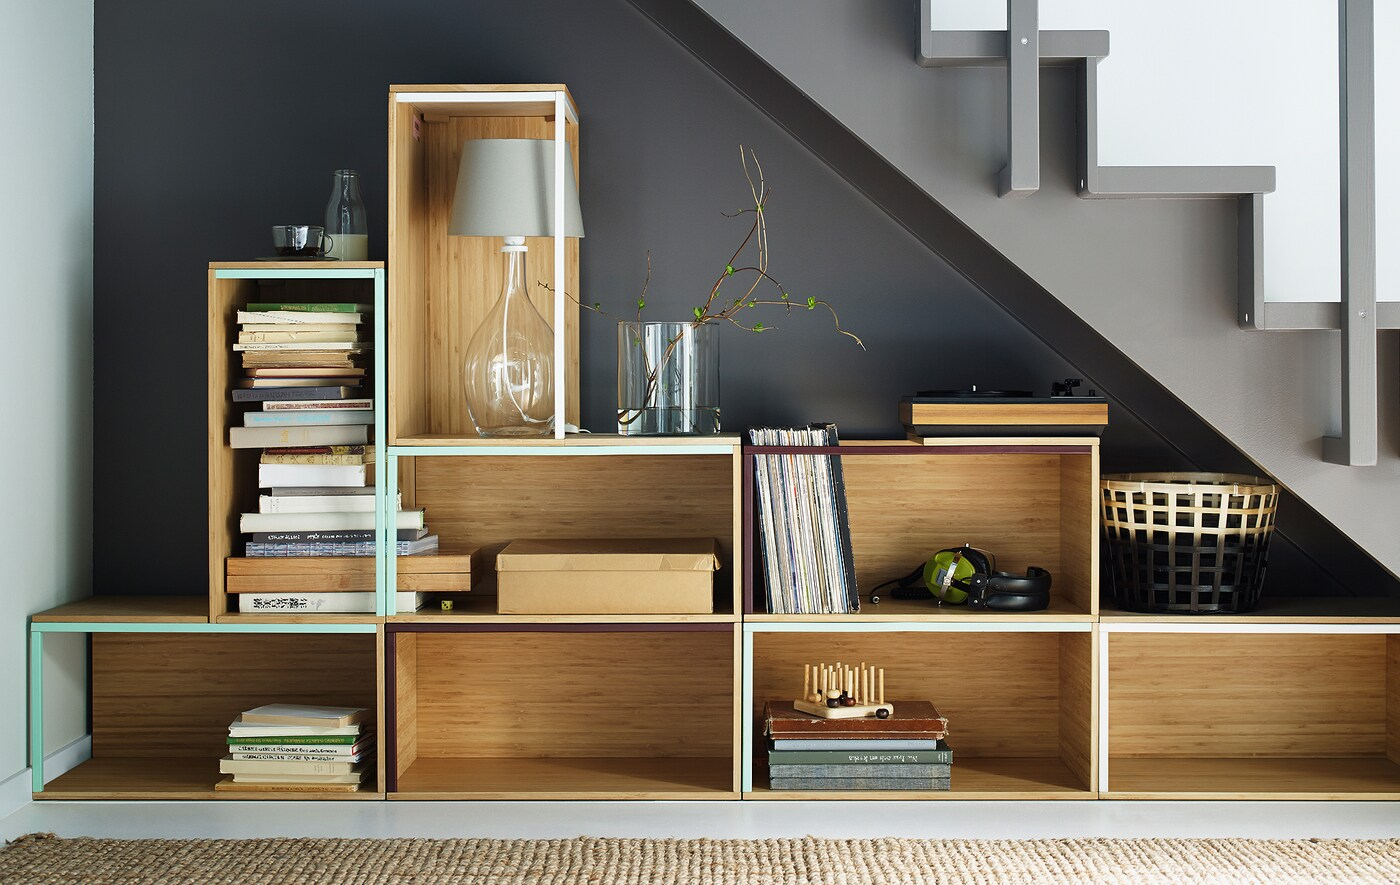 IKEA-ko biltegiratze-kaxak eskailera baten azpian pilatuta.